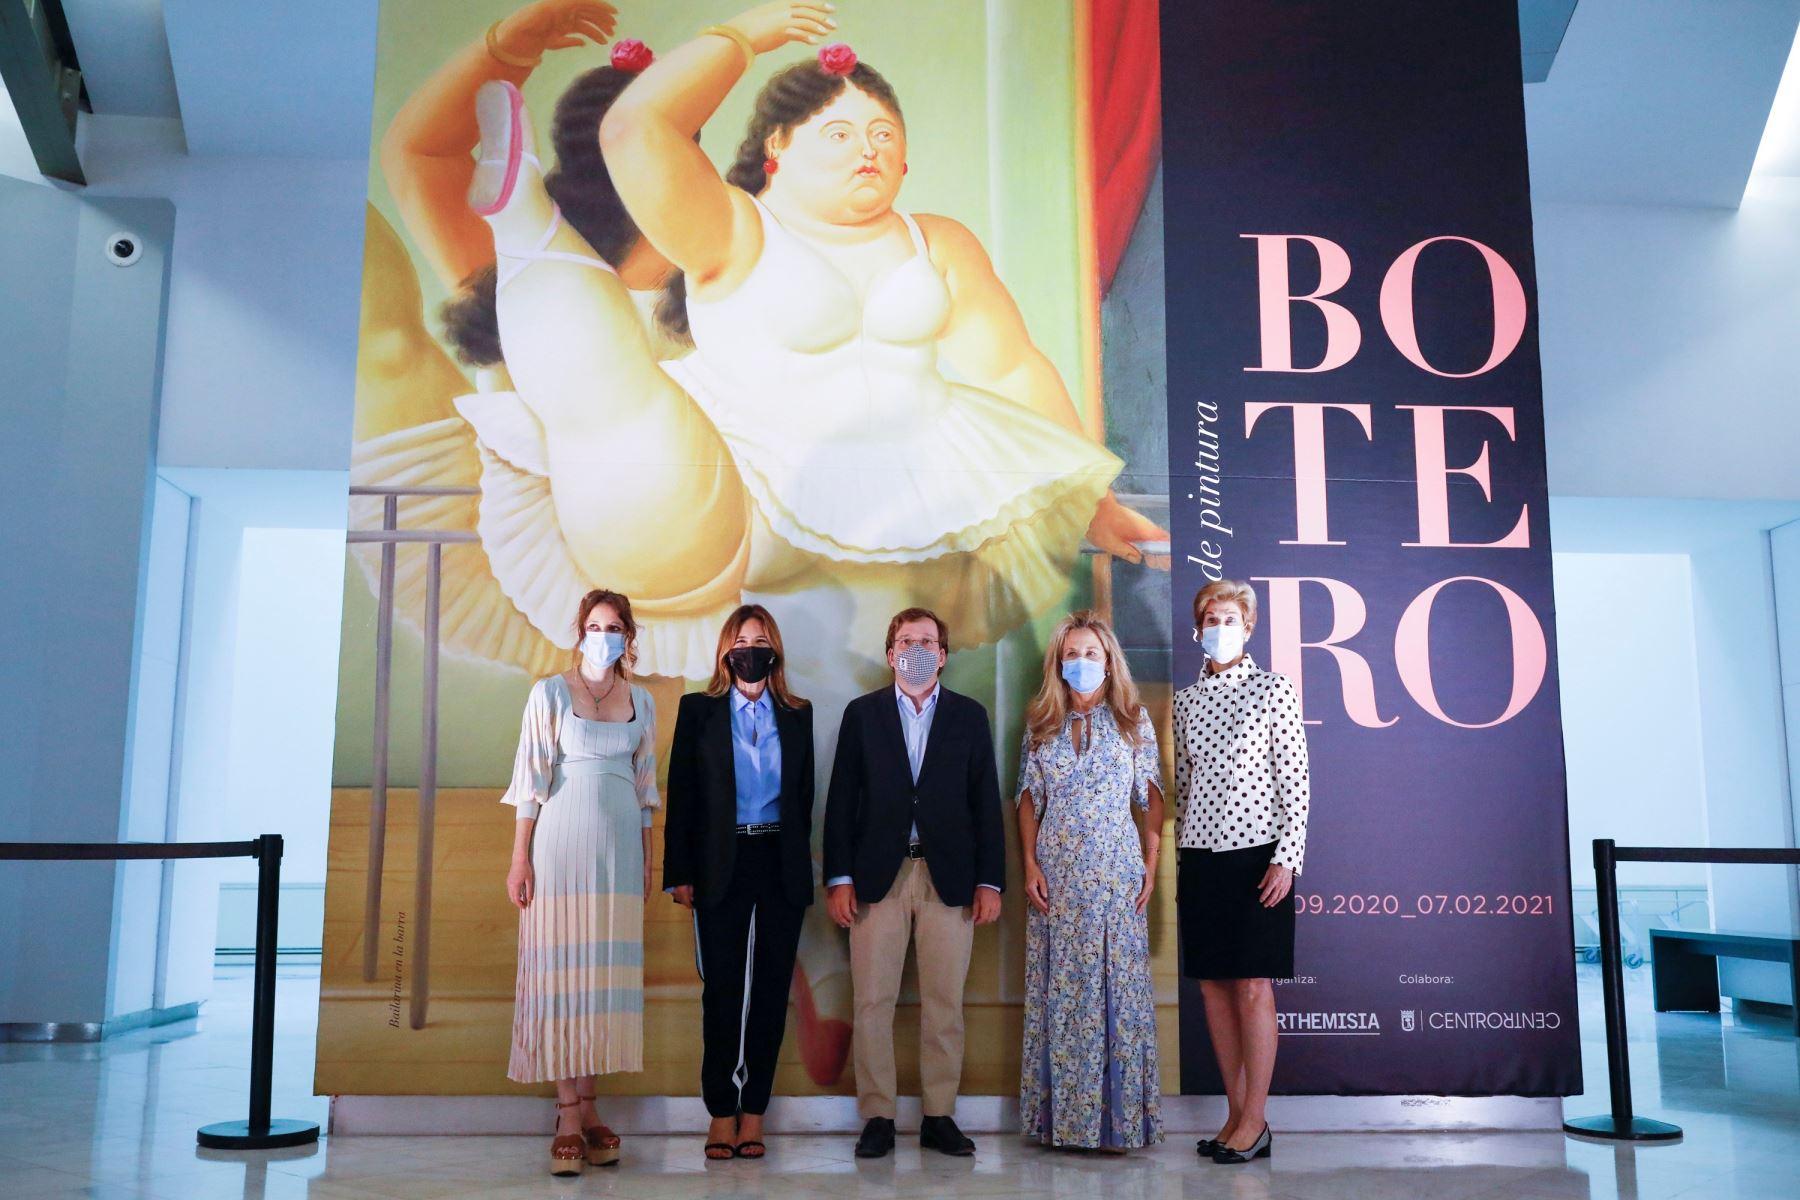 """El alcalde de Madrid, José Luís Martínez Almeida, participa hoy, 16 de septiembre de 2020, de la inauguración de la exposición """"Botero:60 años de pintura"""" en el Centro Centro de la ciudad de Madrid. Foto: EFE"""